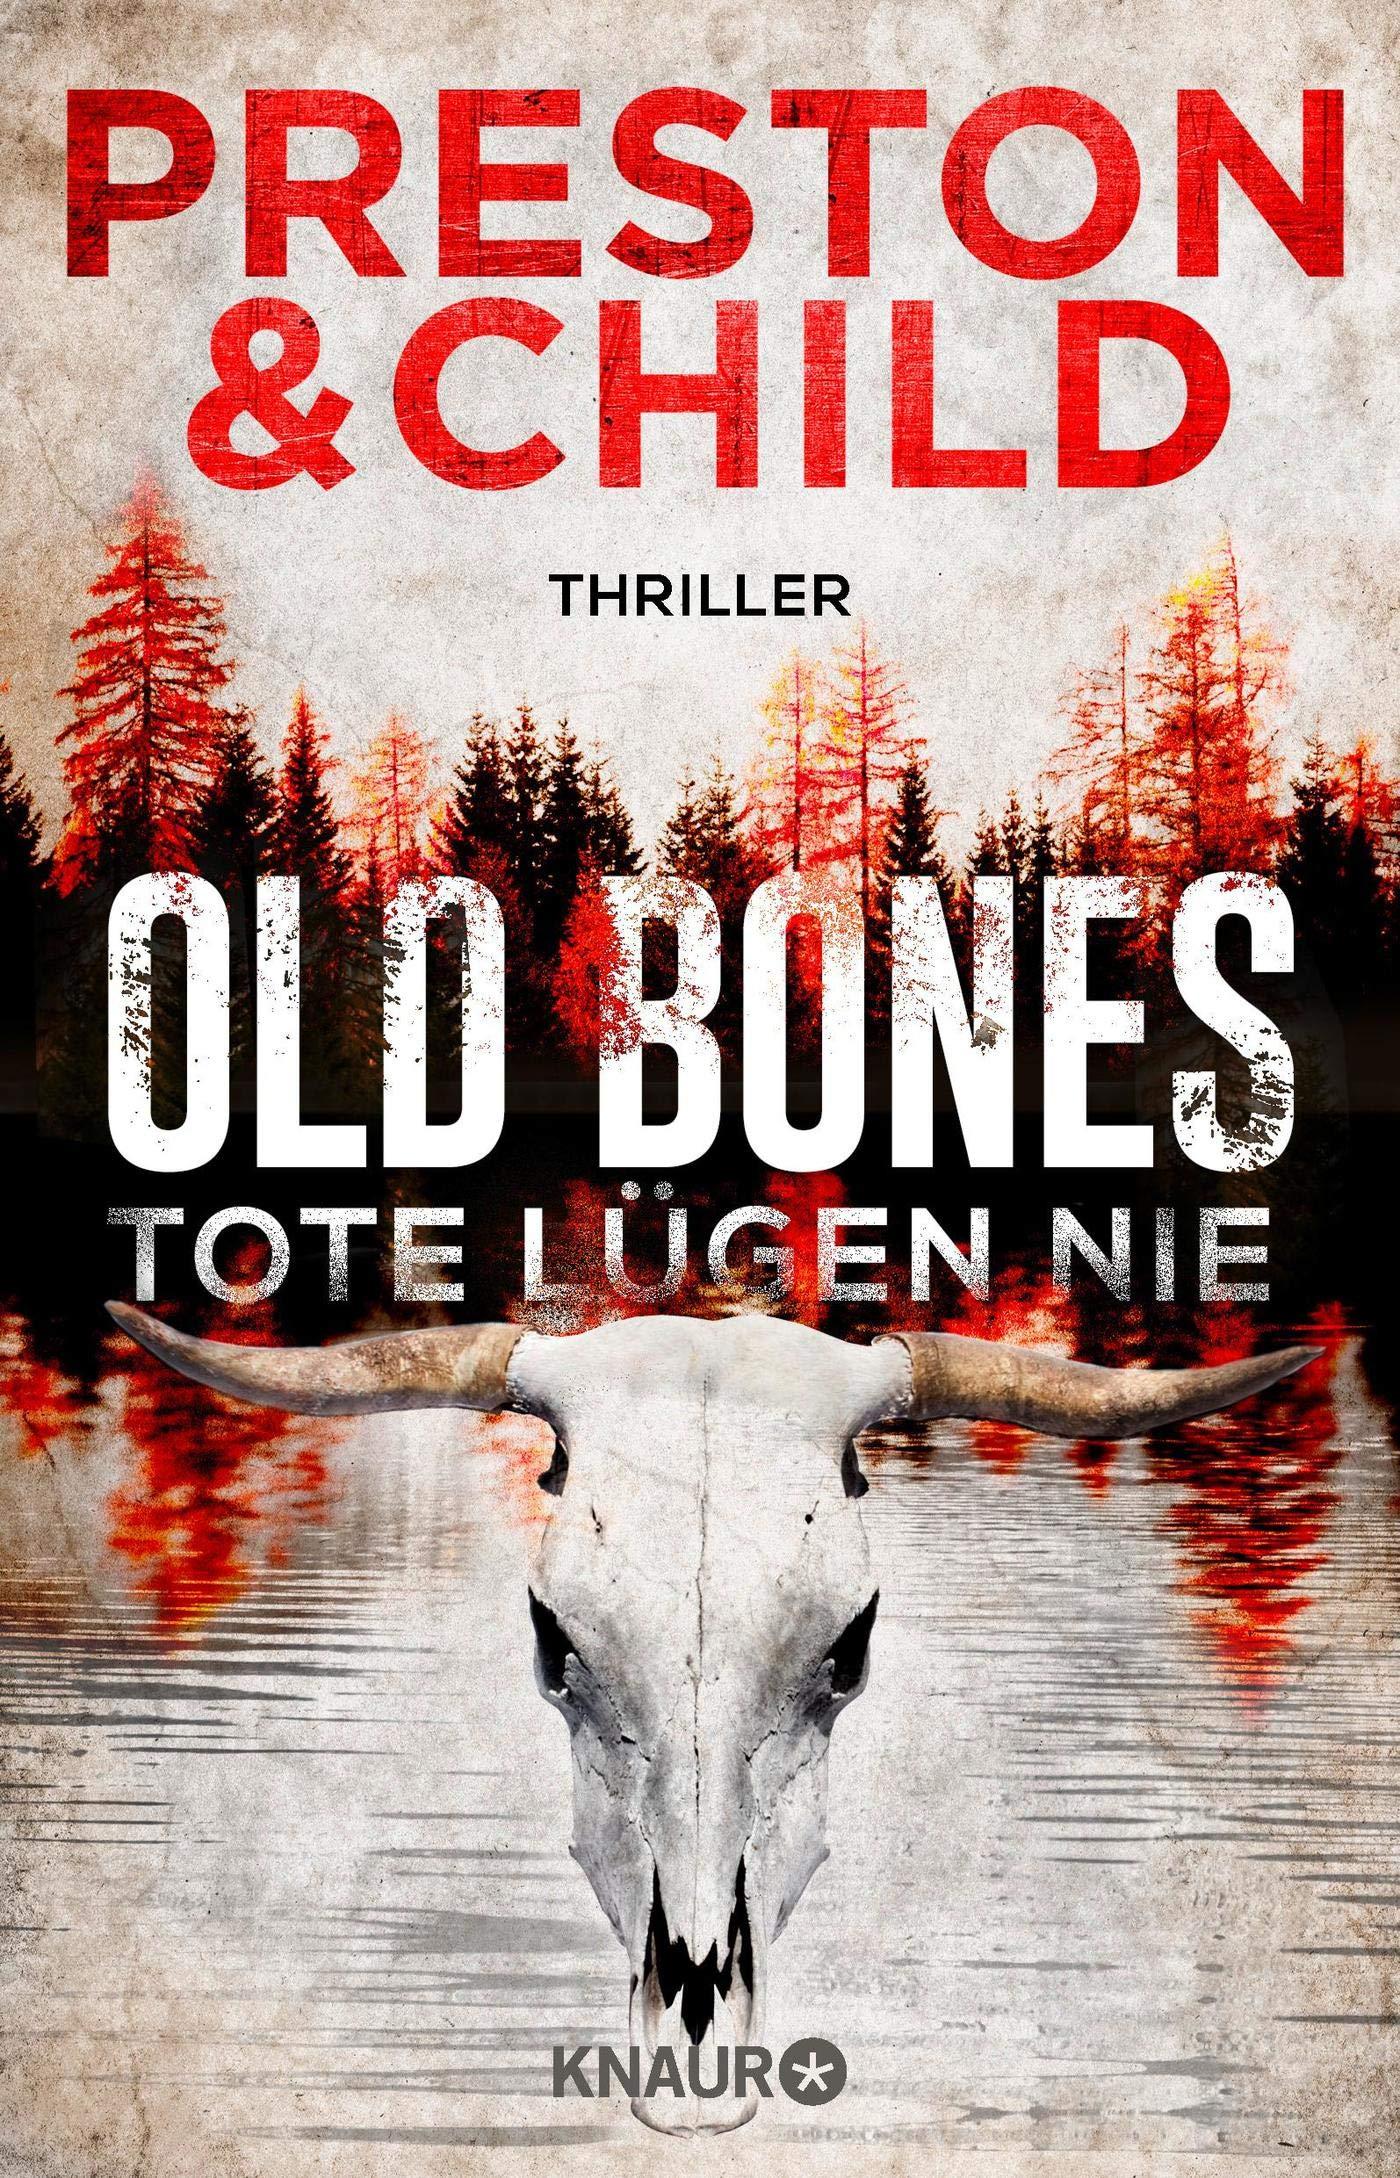 Old Bones - Tote lügen nie: Thriller Ein Fall für Nora Kelly und ...